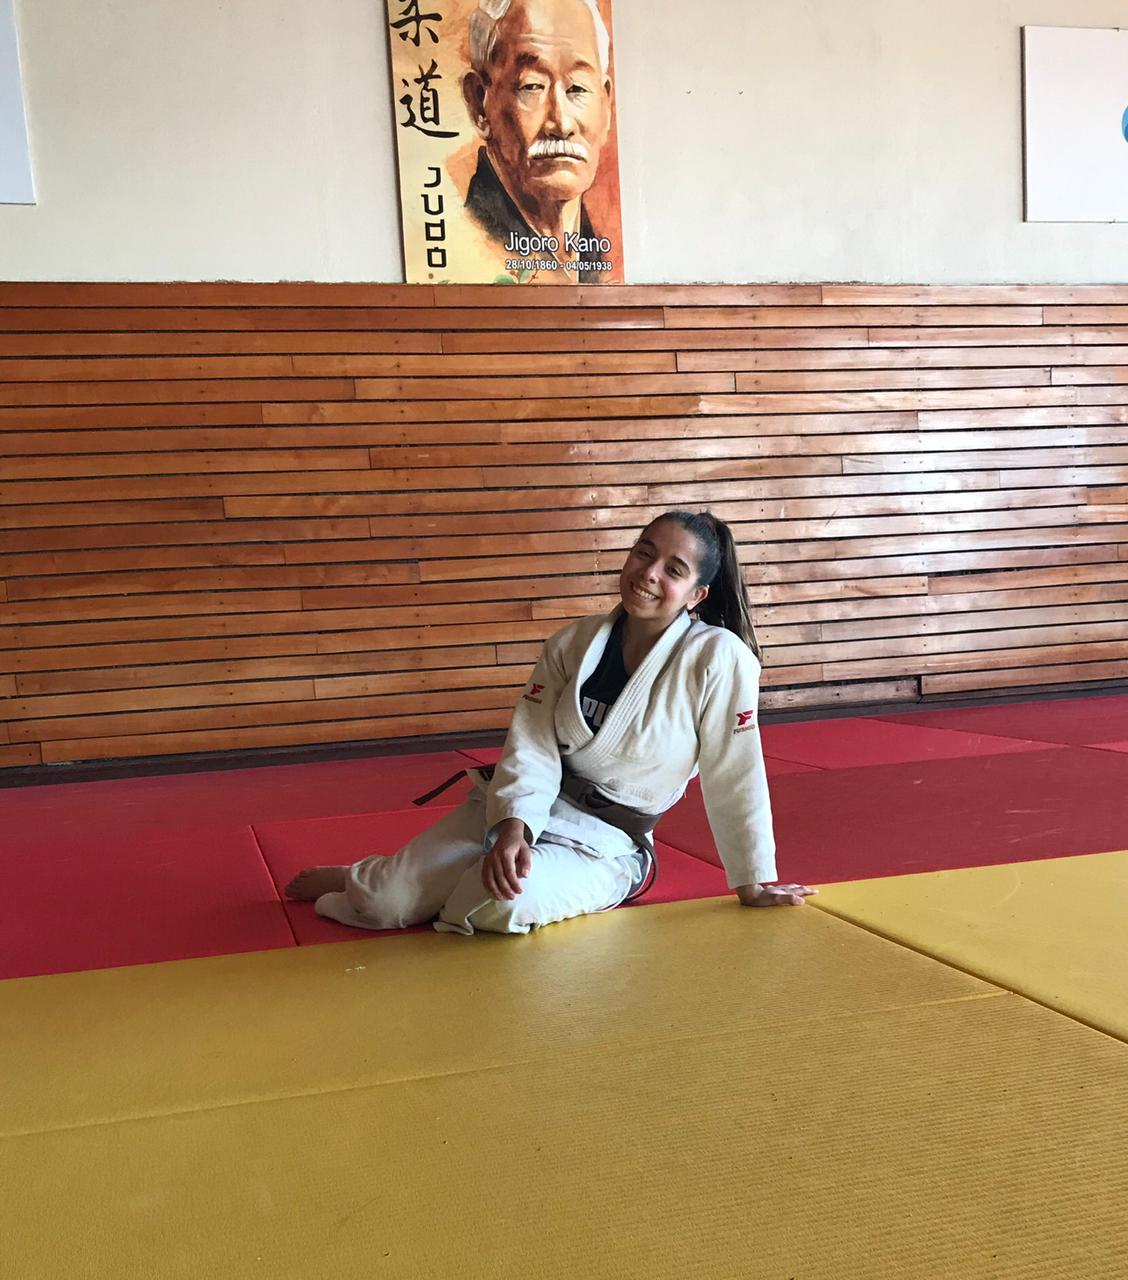 Deportes para sordos: después de mucho buscar, Valentina Bonfanti encontró la felicidad en el judo